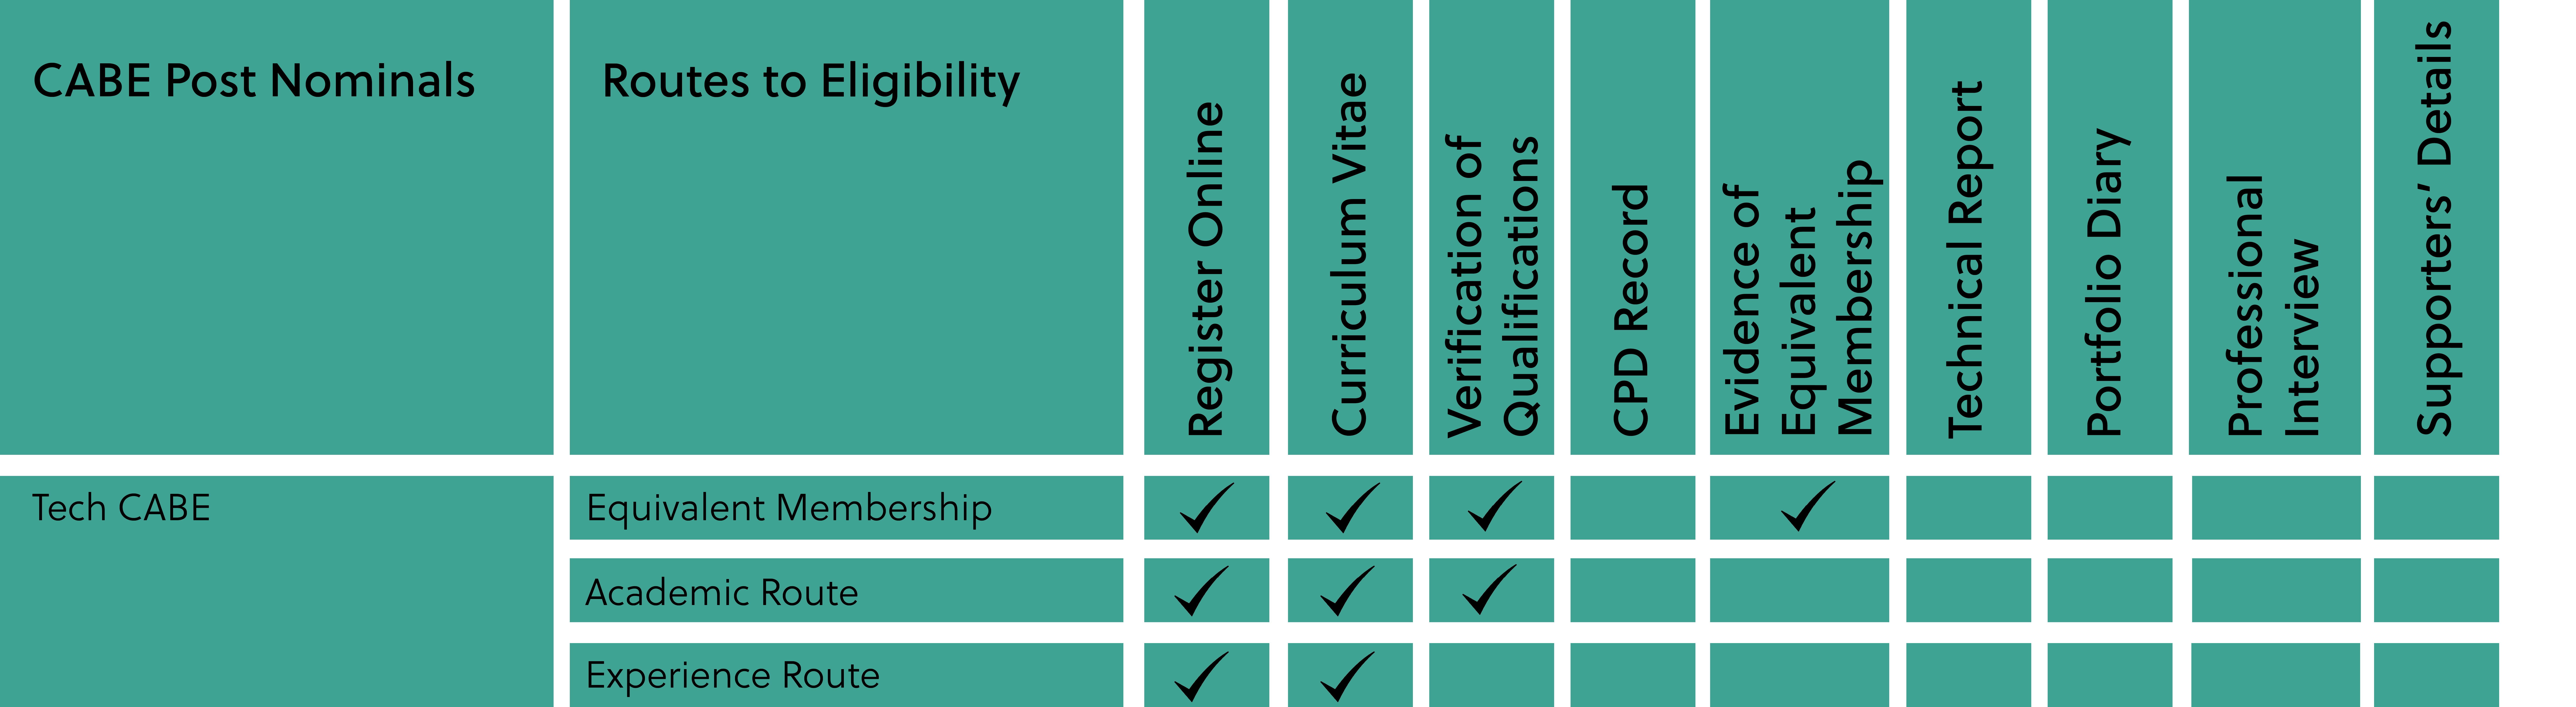 Technician Membership Breakdown